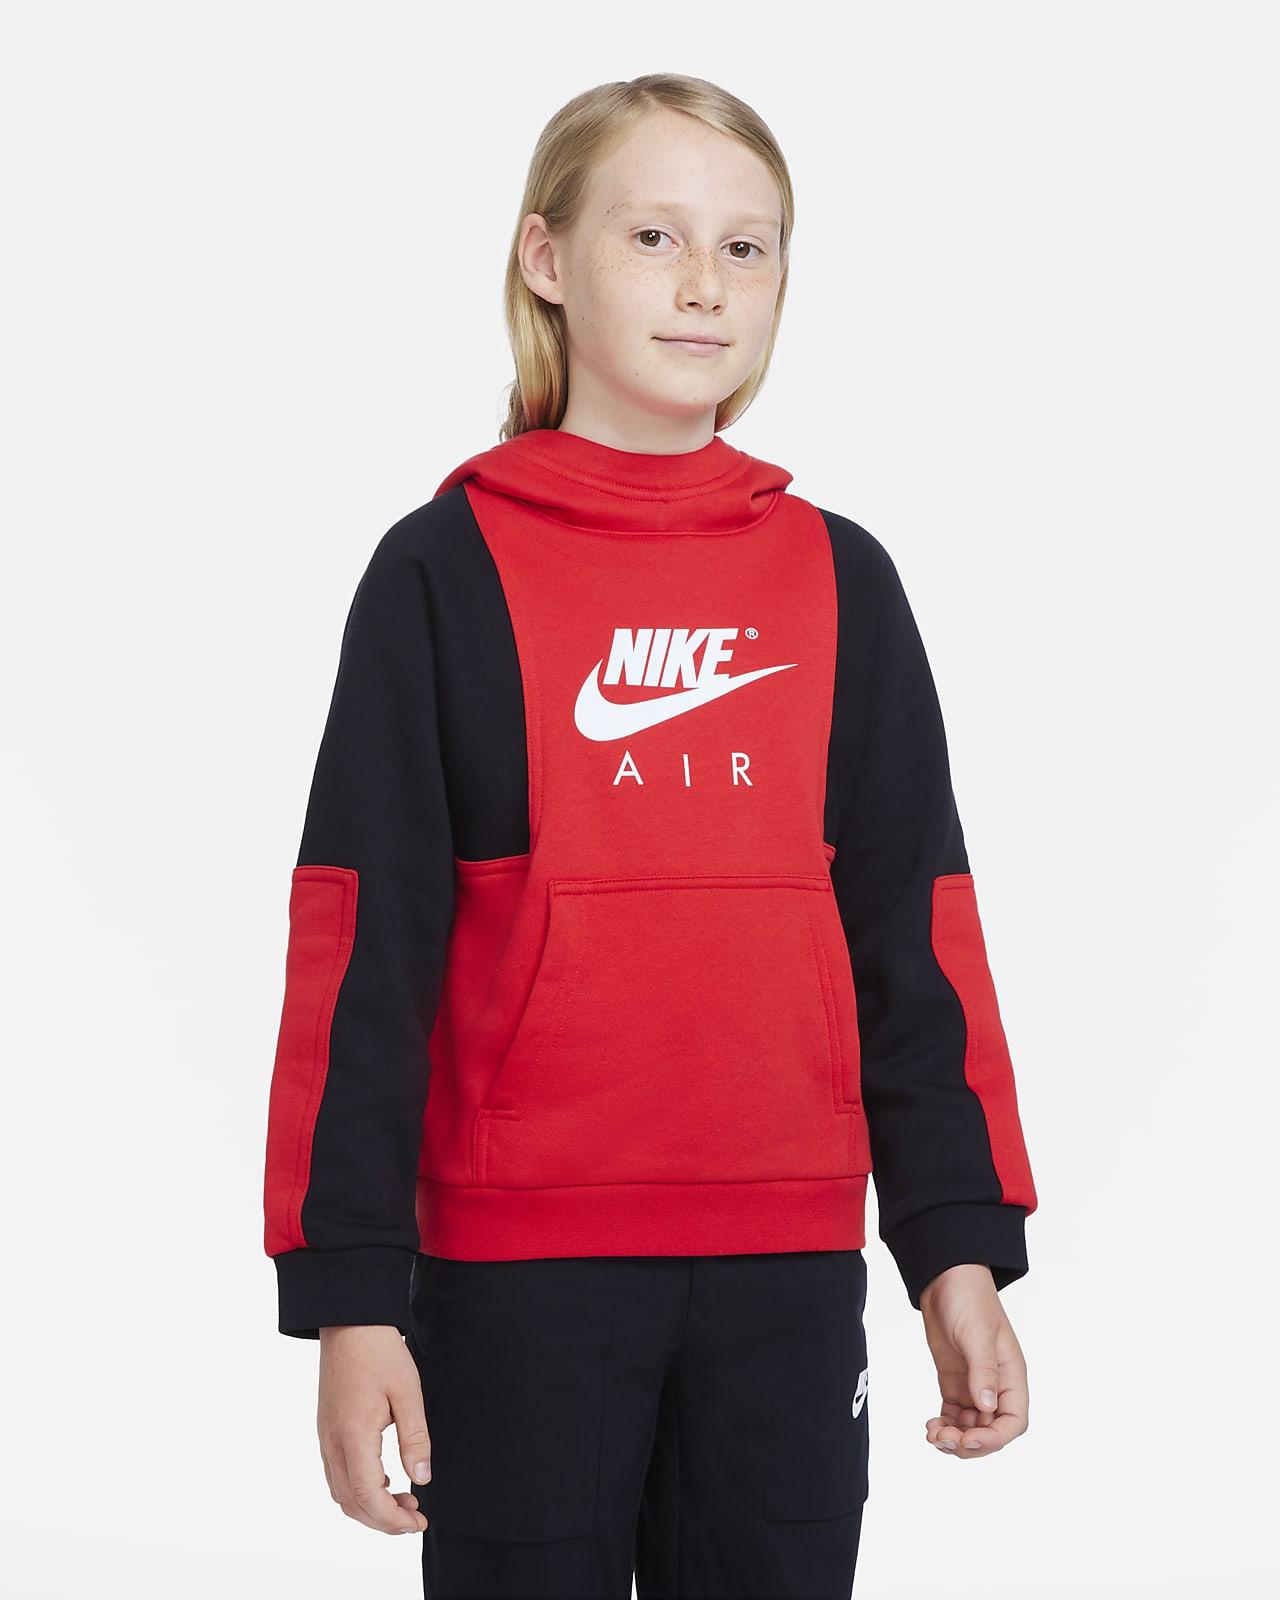 Nike Air Genç Çocuk (Erkek) Kapüşonlu Sweatshirt'ü